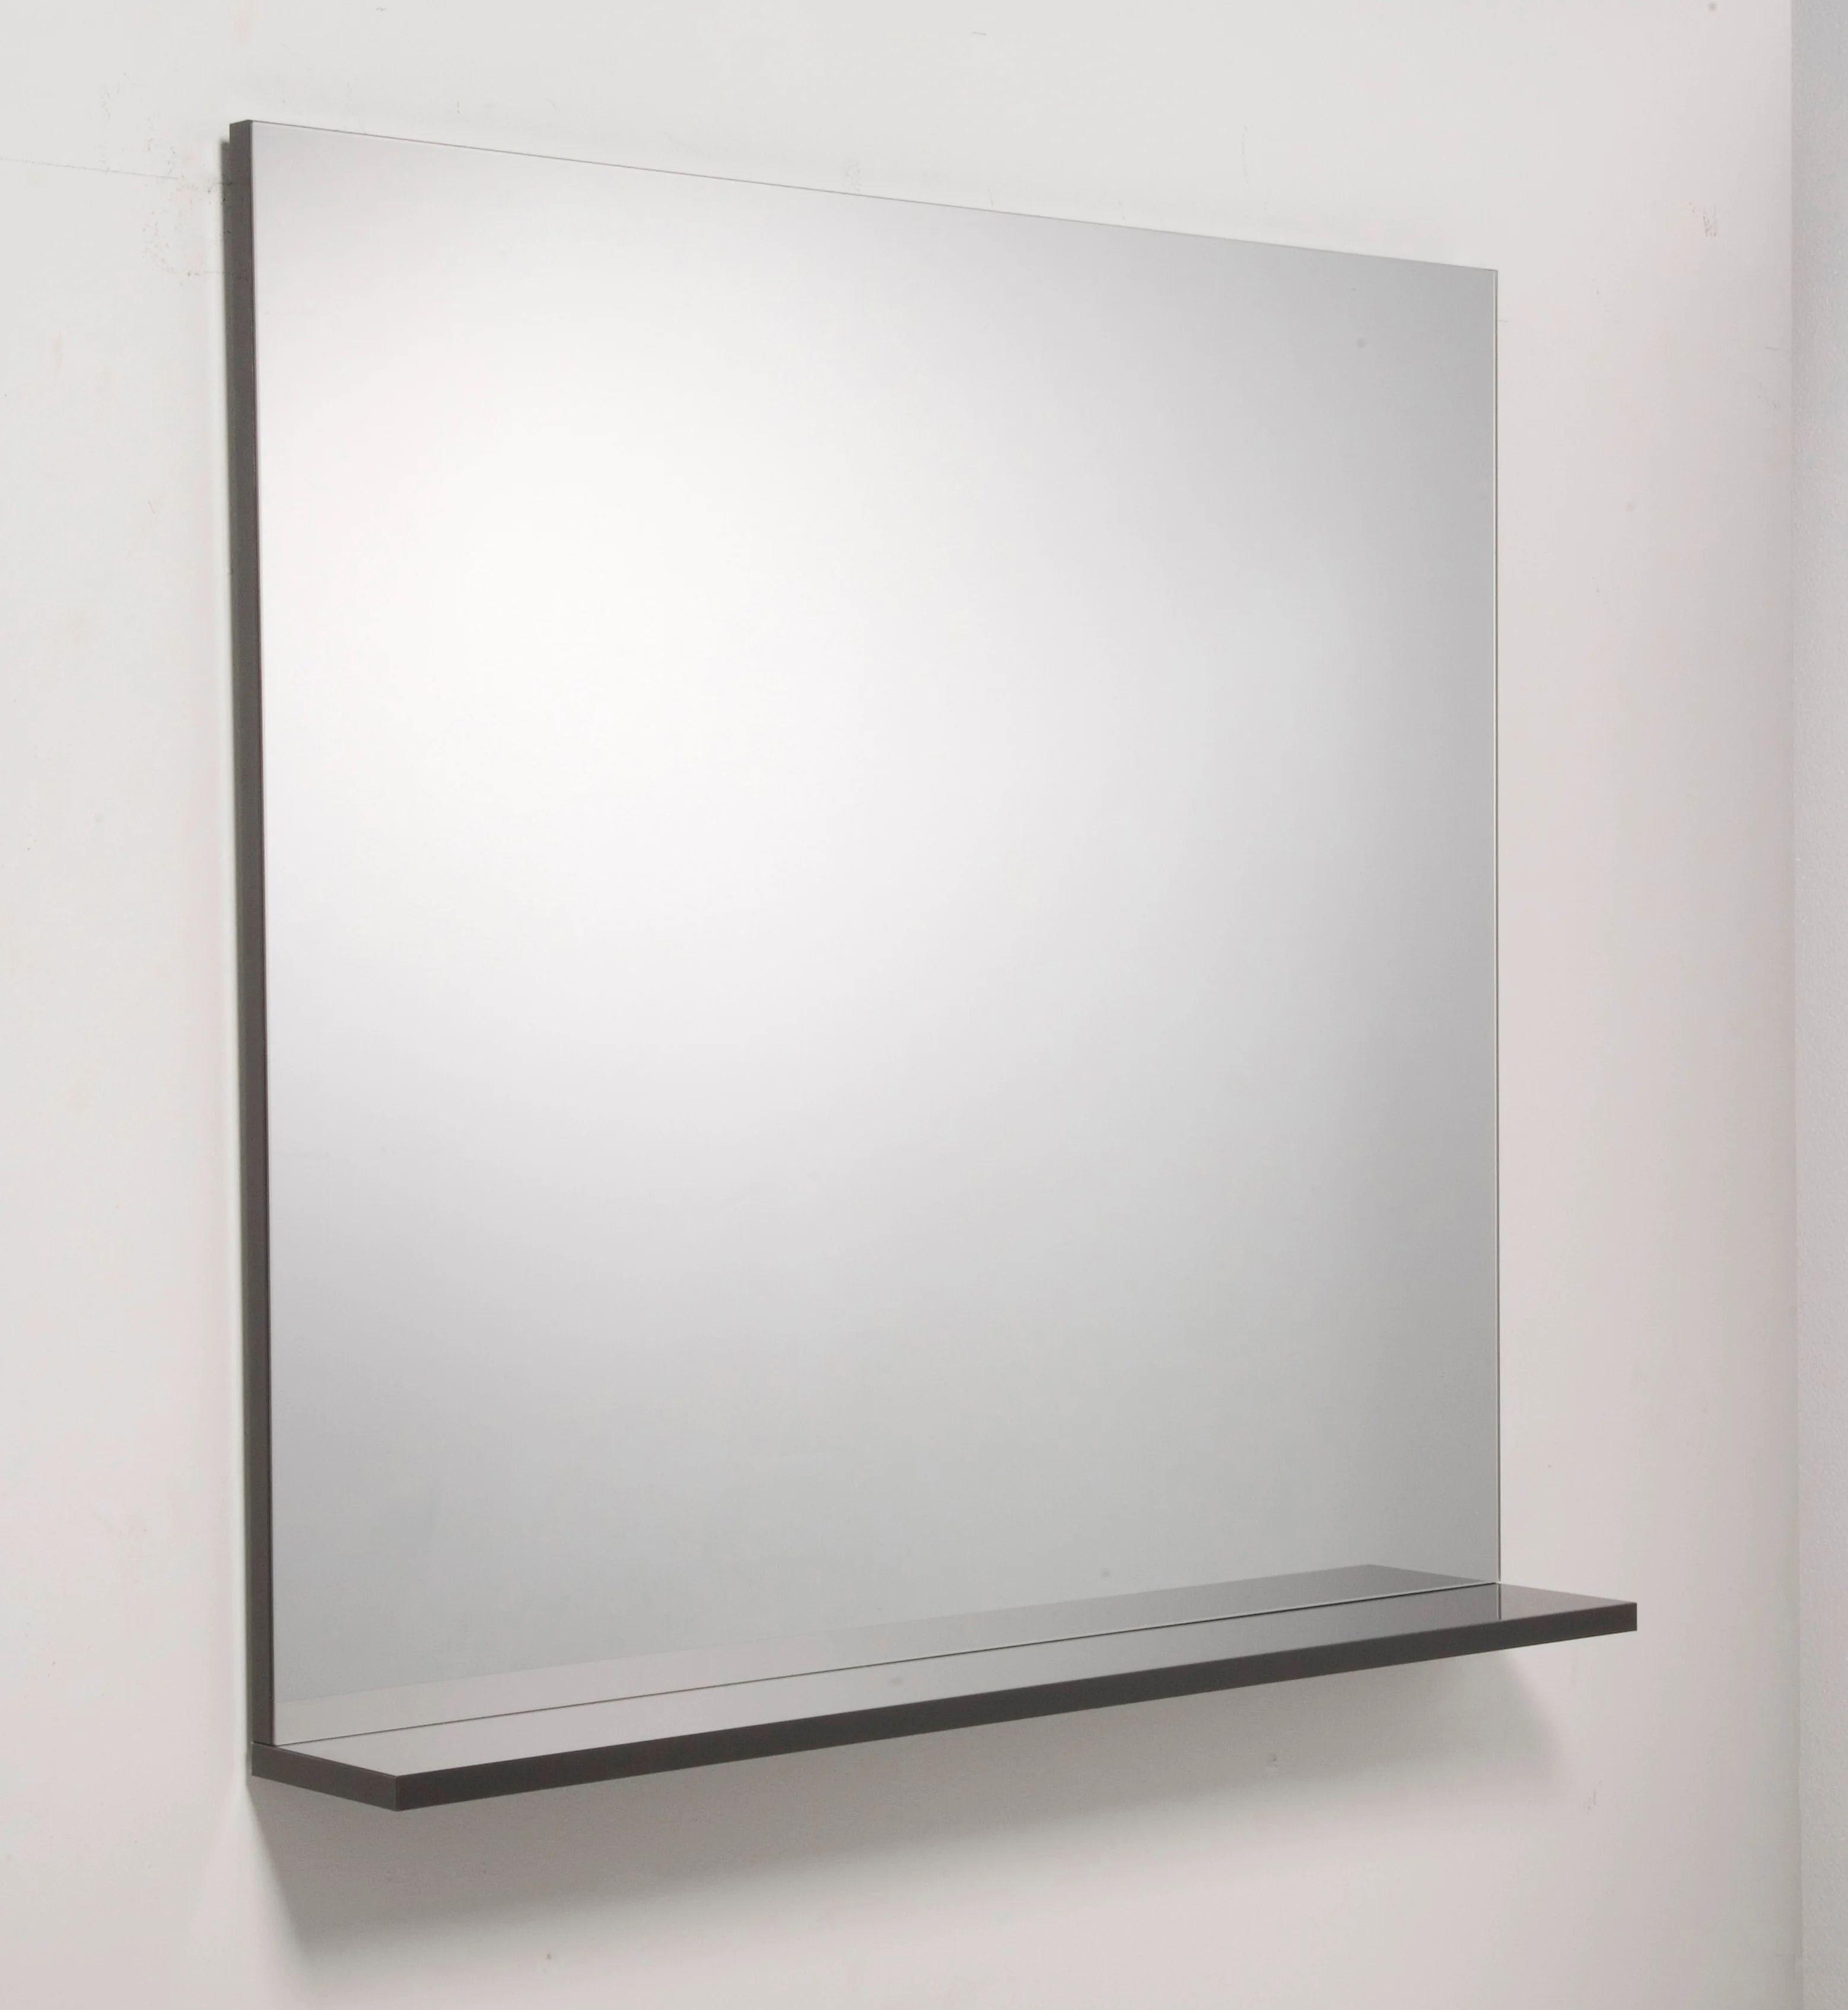 Miroir Avec Tablette Gris L 80 0 Cm Opale Leroy Merlin